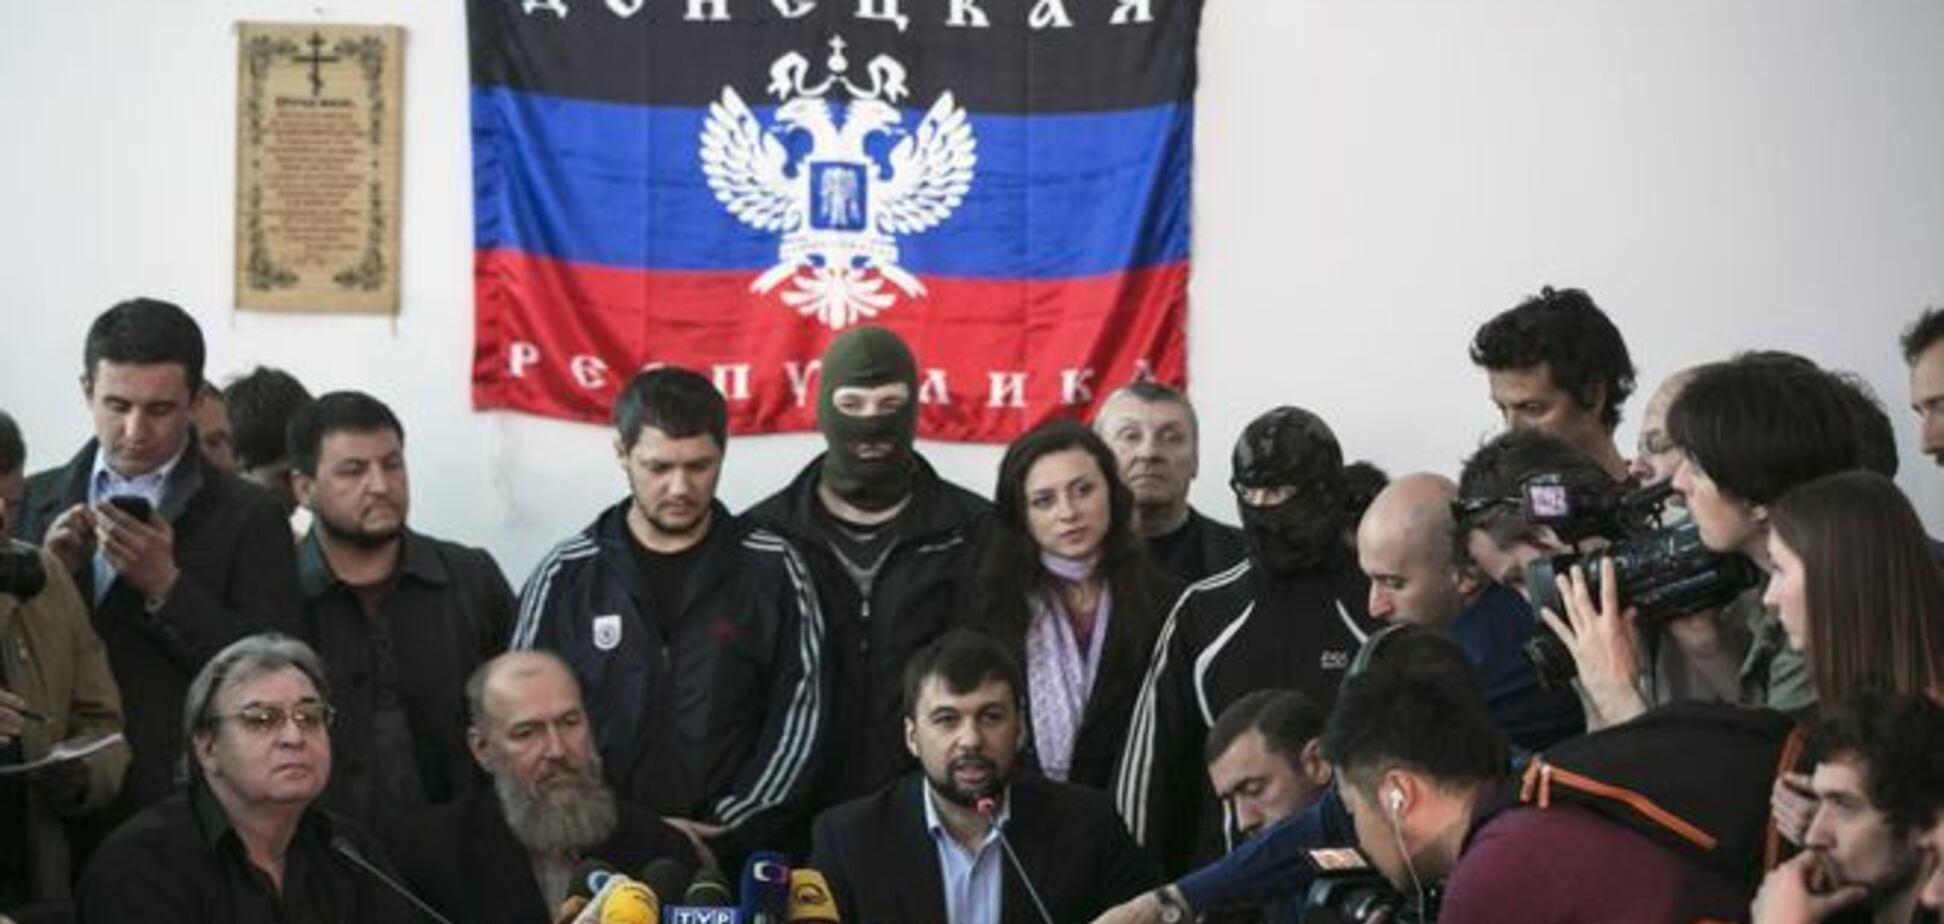 'ДНР' будет выплачивать пенсии из гуманитарной помощи РФ